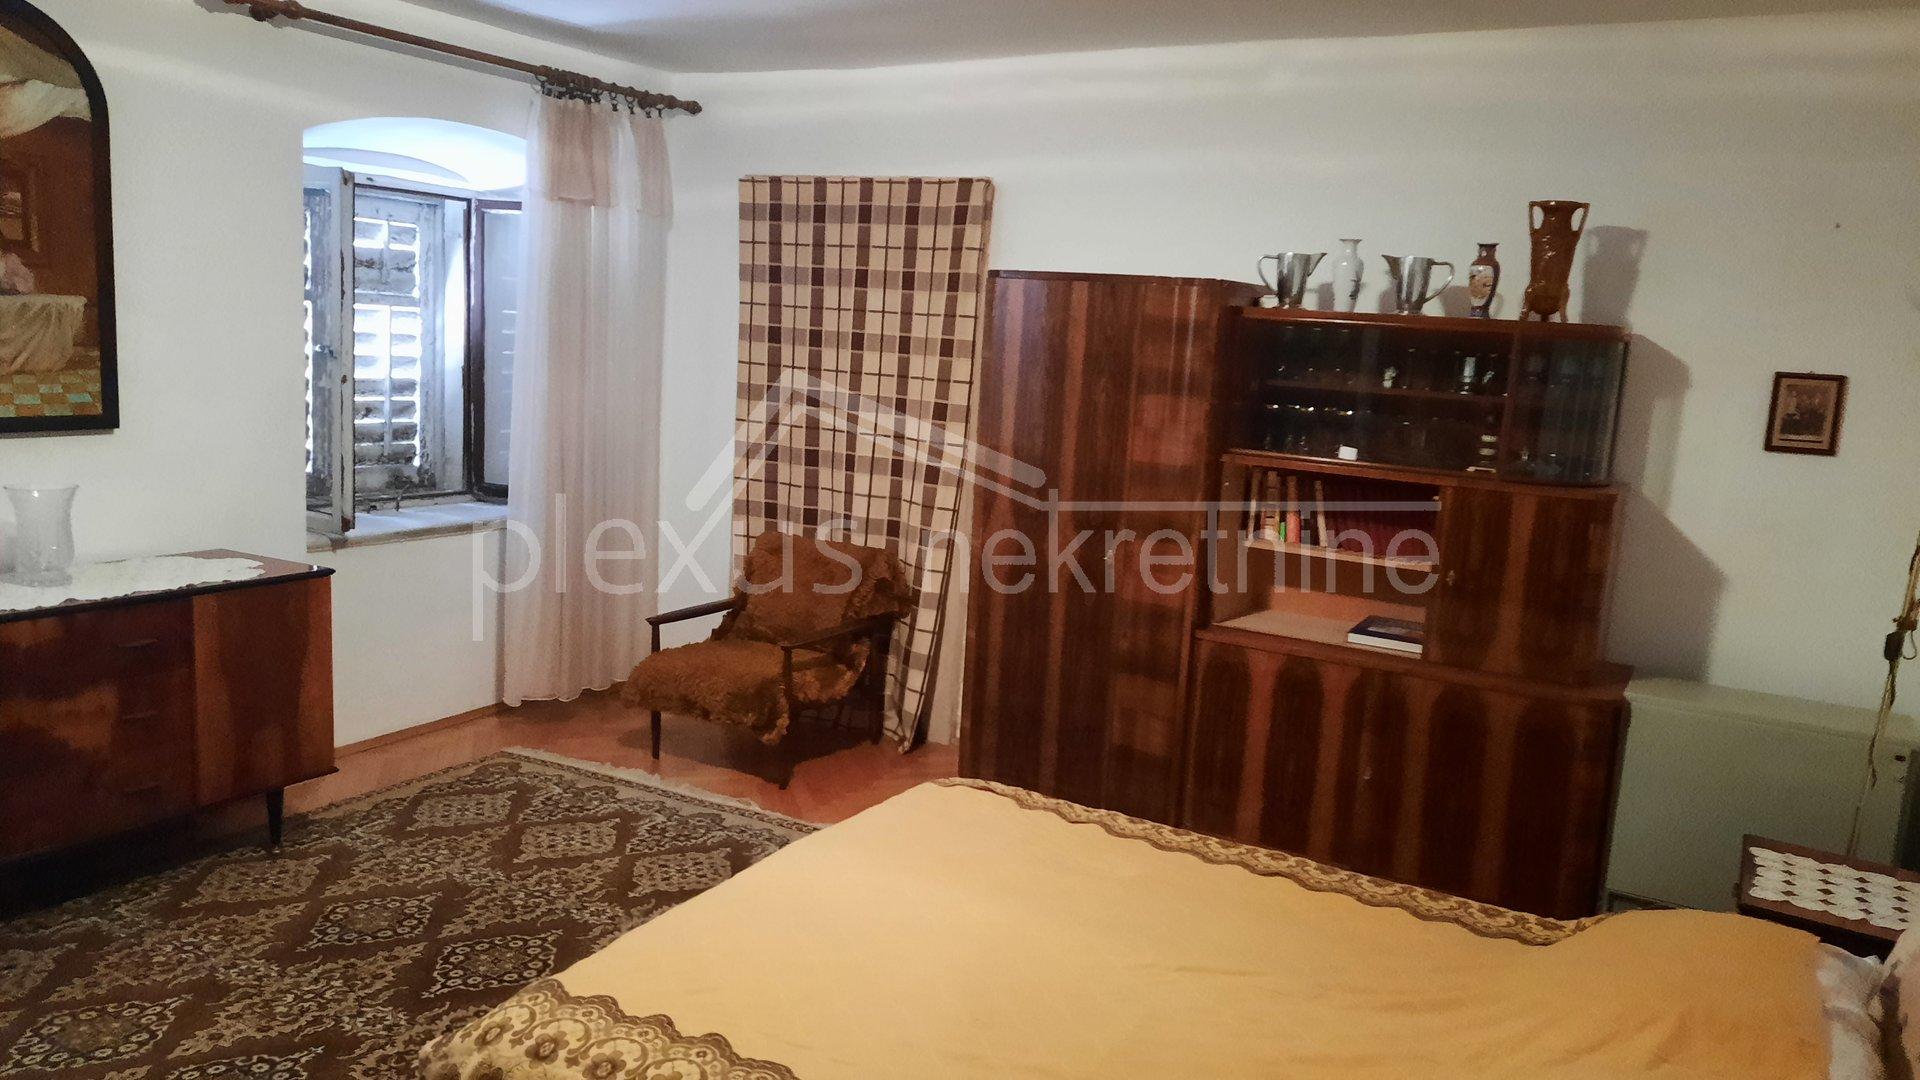 5 rooms, Apartment, 226m², 3 Floor